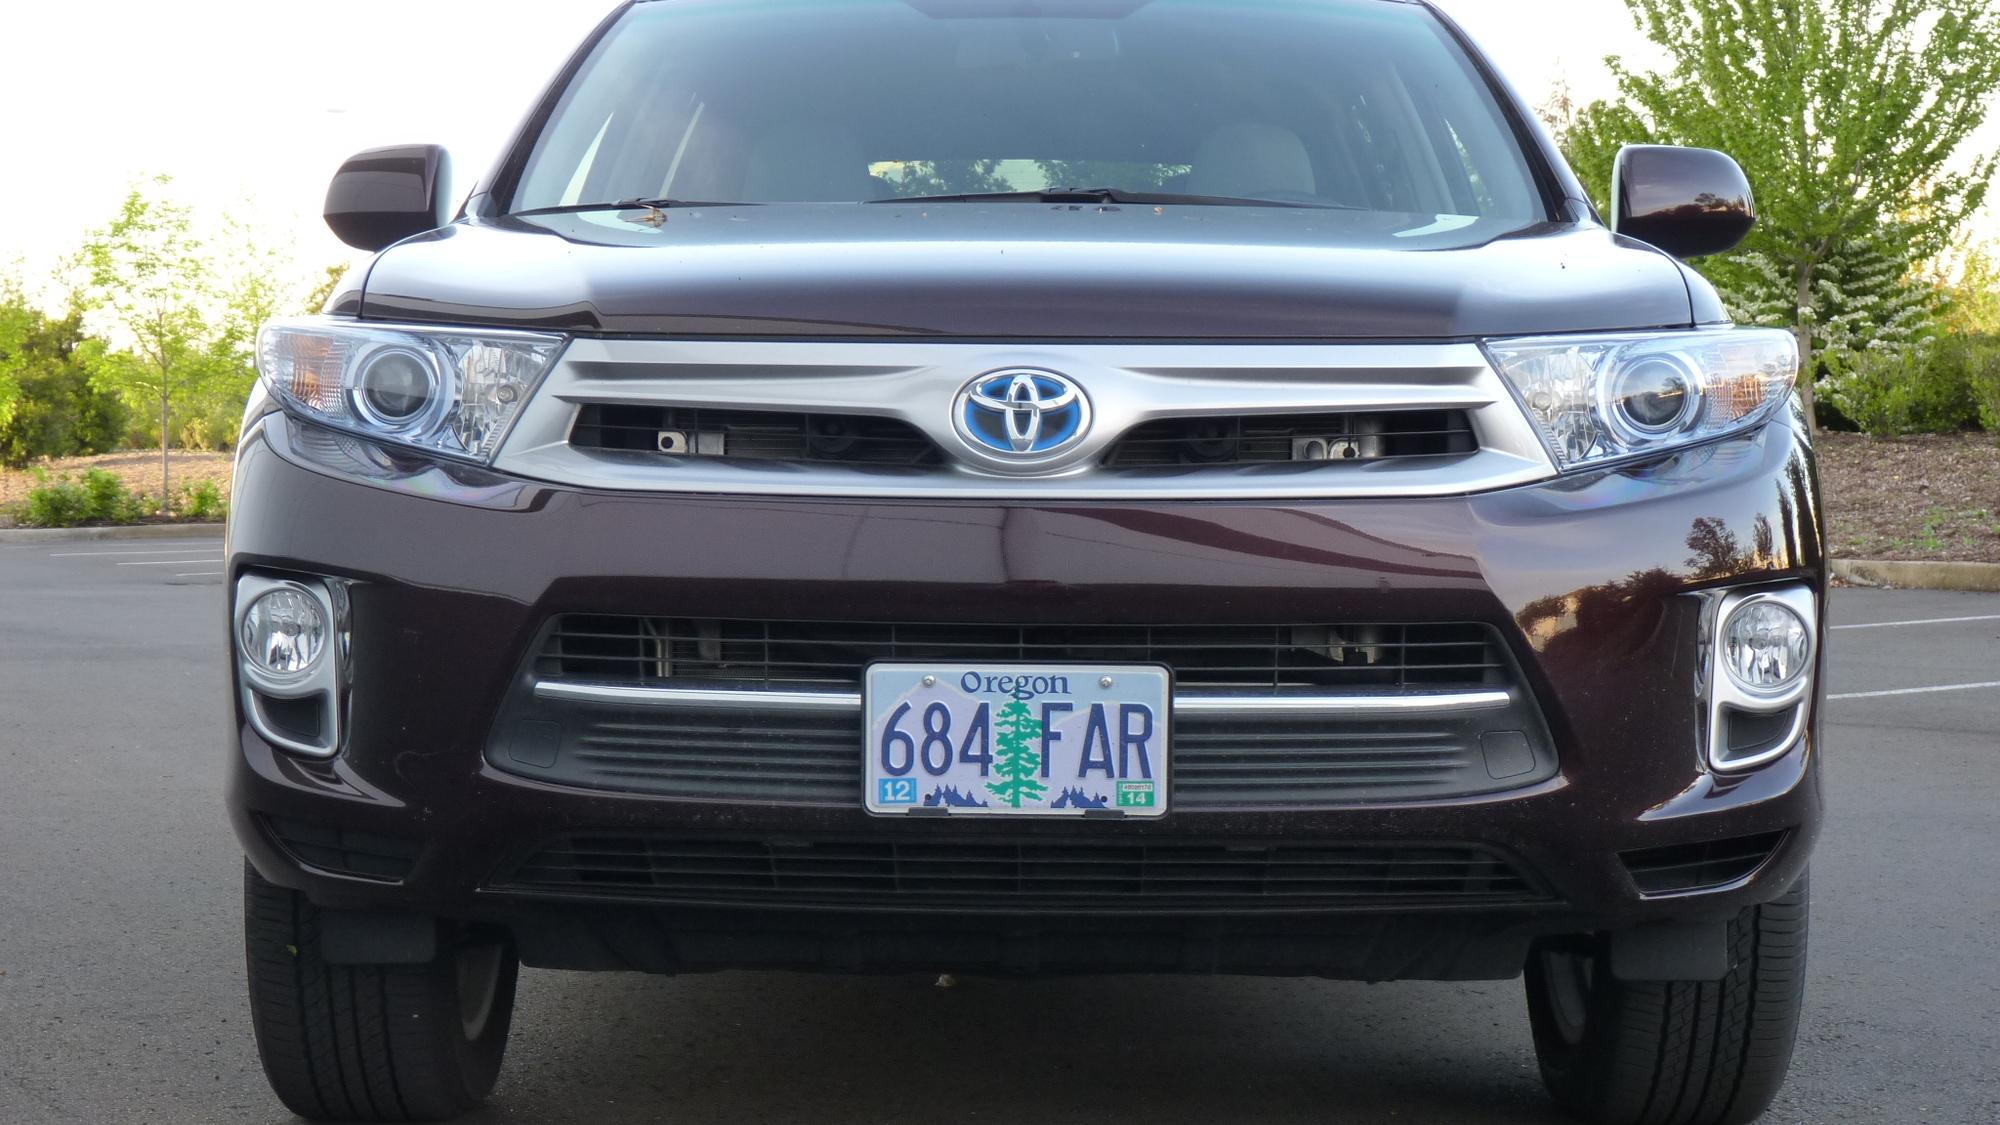 2011 Toyota Highlander Hybrid  -  Driven, May 2011